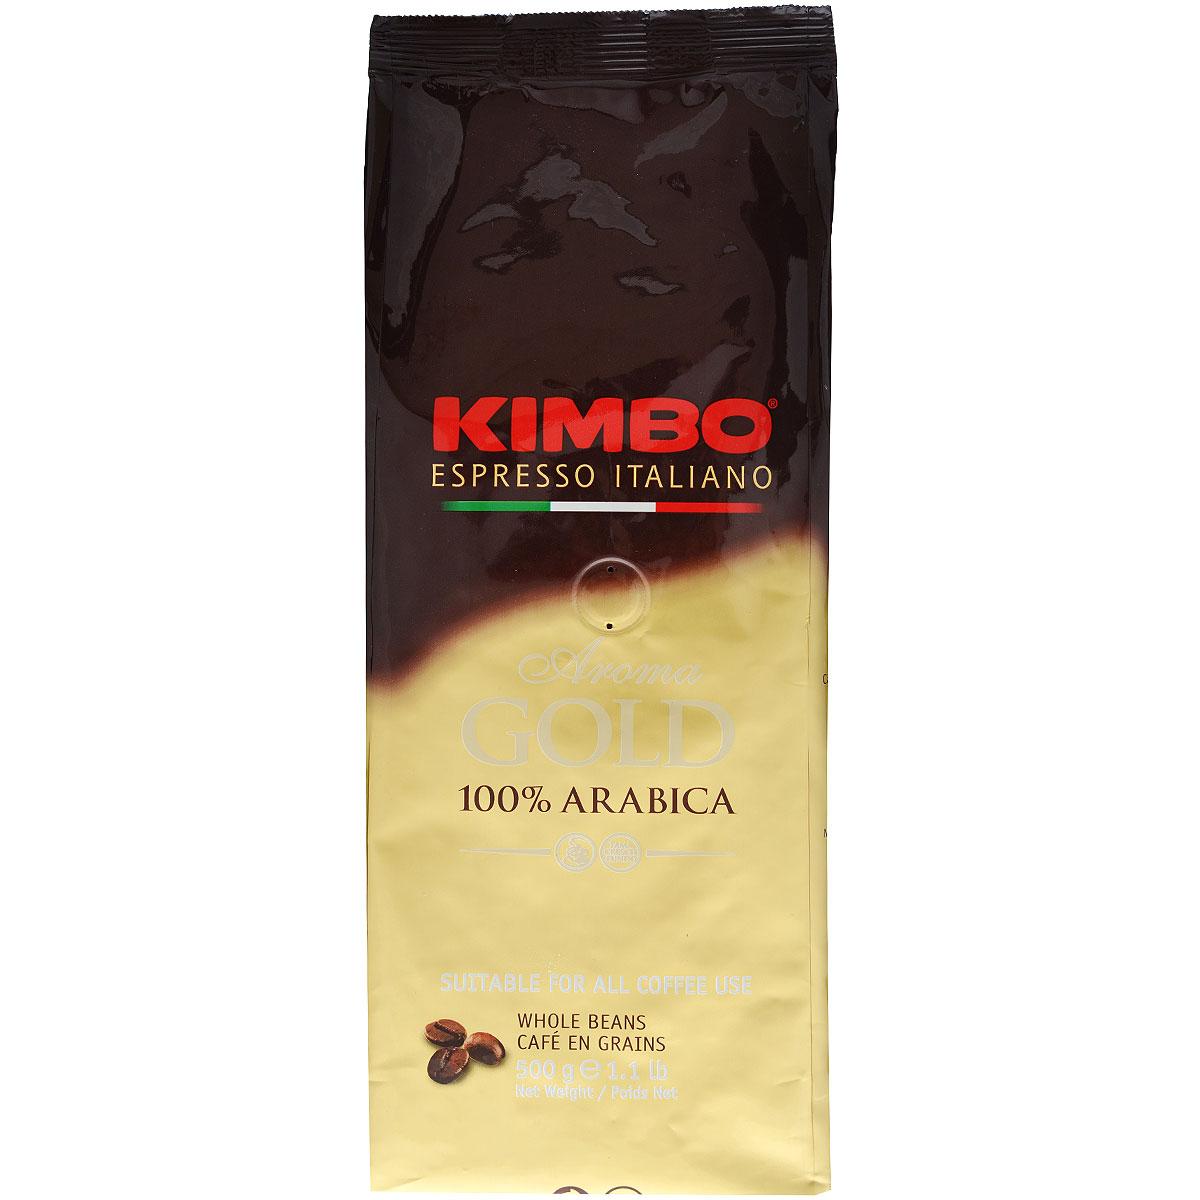 Kimbo Aroma Gold 100% Arabica кофе в зернах, 500 г8002200102159Натуральный жареный кофе в зернах Kimbo Aroma Gold 100% Arabica. Смесь превосходной арабики отличается нежным вкусом, мягкой кислинкой и тонкимароматом. Состав смеси: 100% арабика.